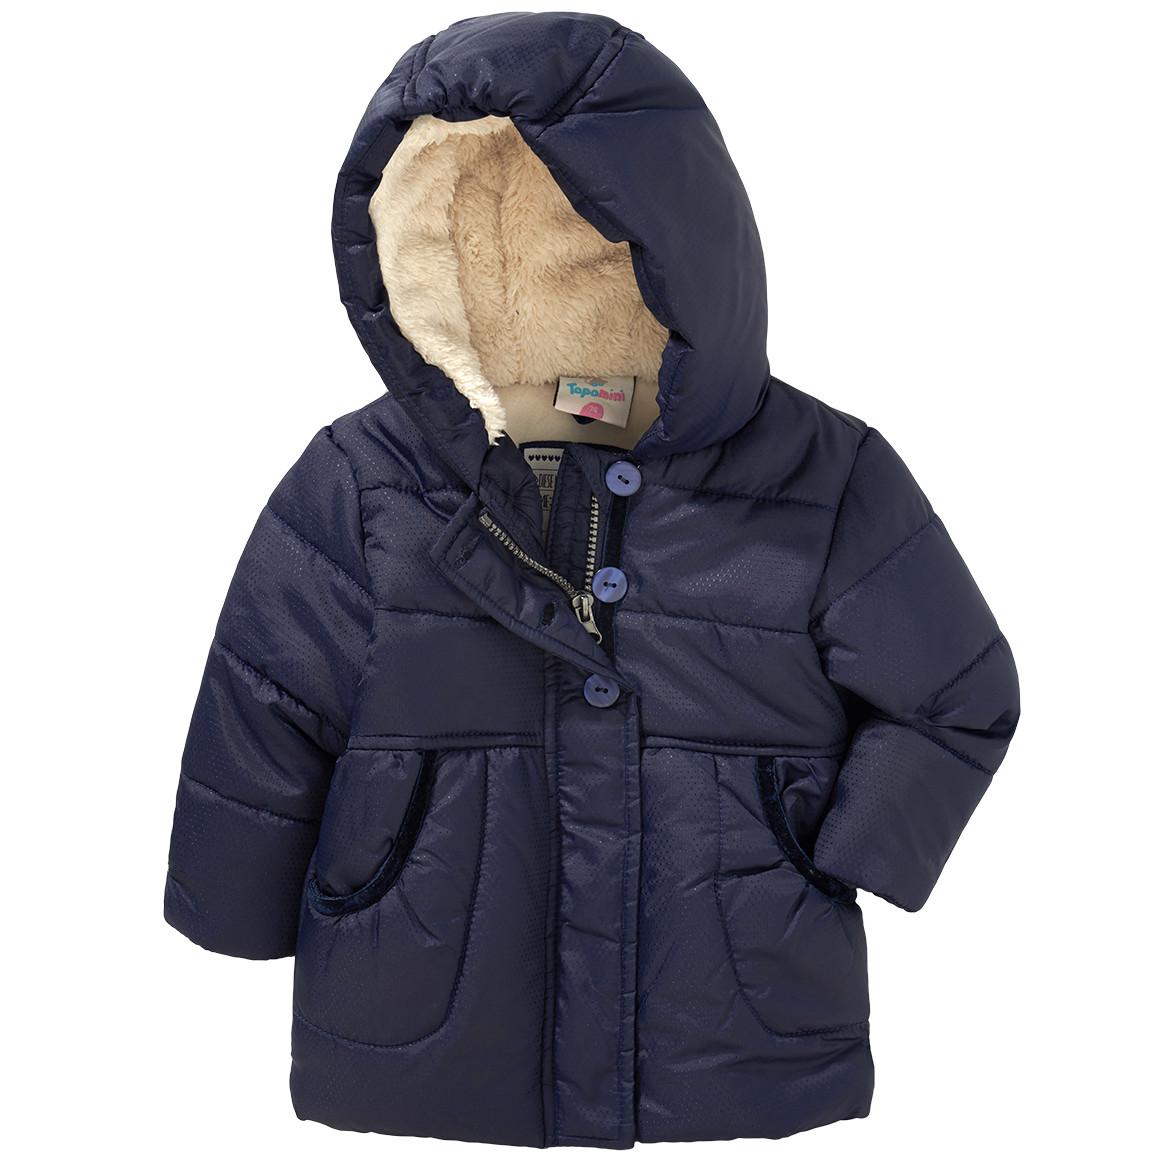 Baby Winterjacke mit Plüsch in der Kapuze